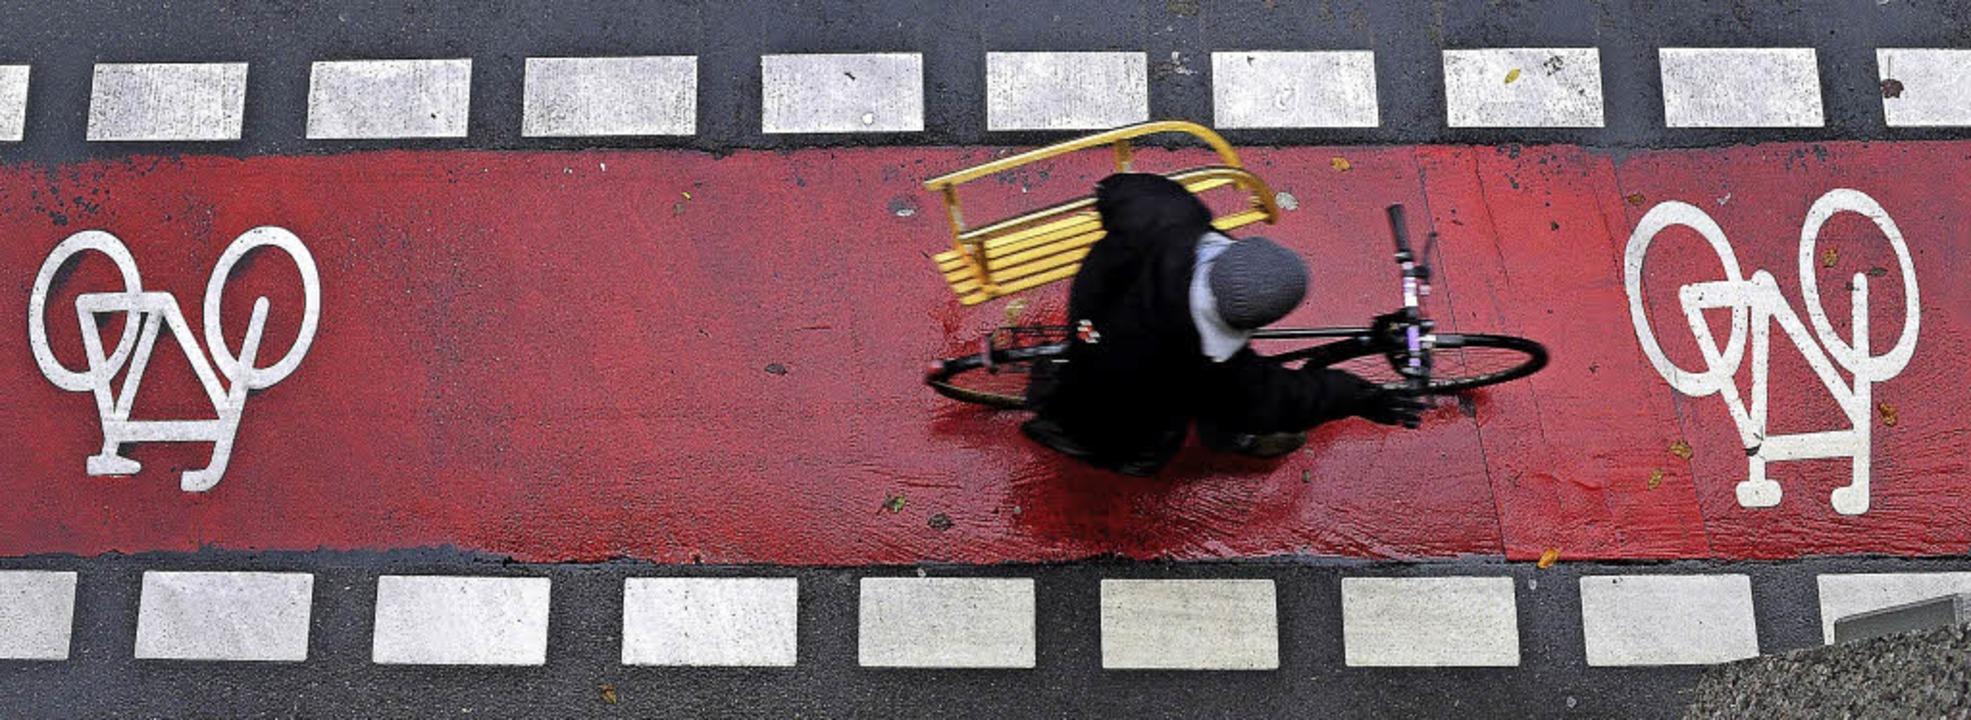 Radwege sind nützlich – im Einze...ür saisonal bedingte Kleintransporte.   | Foto: Thomas Kunz